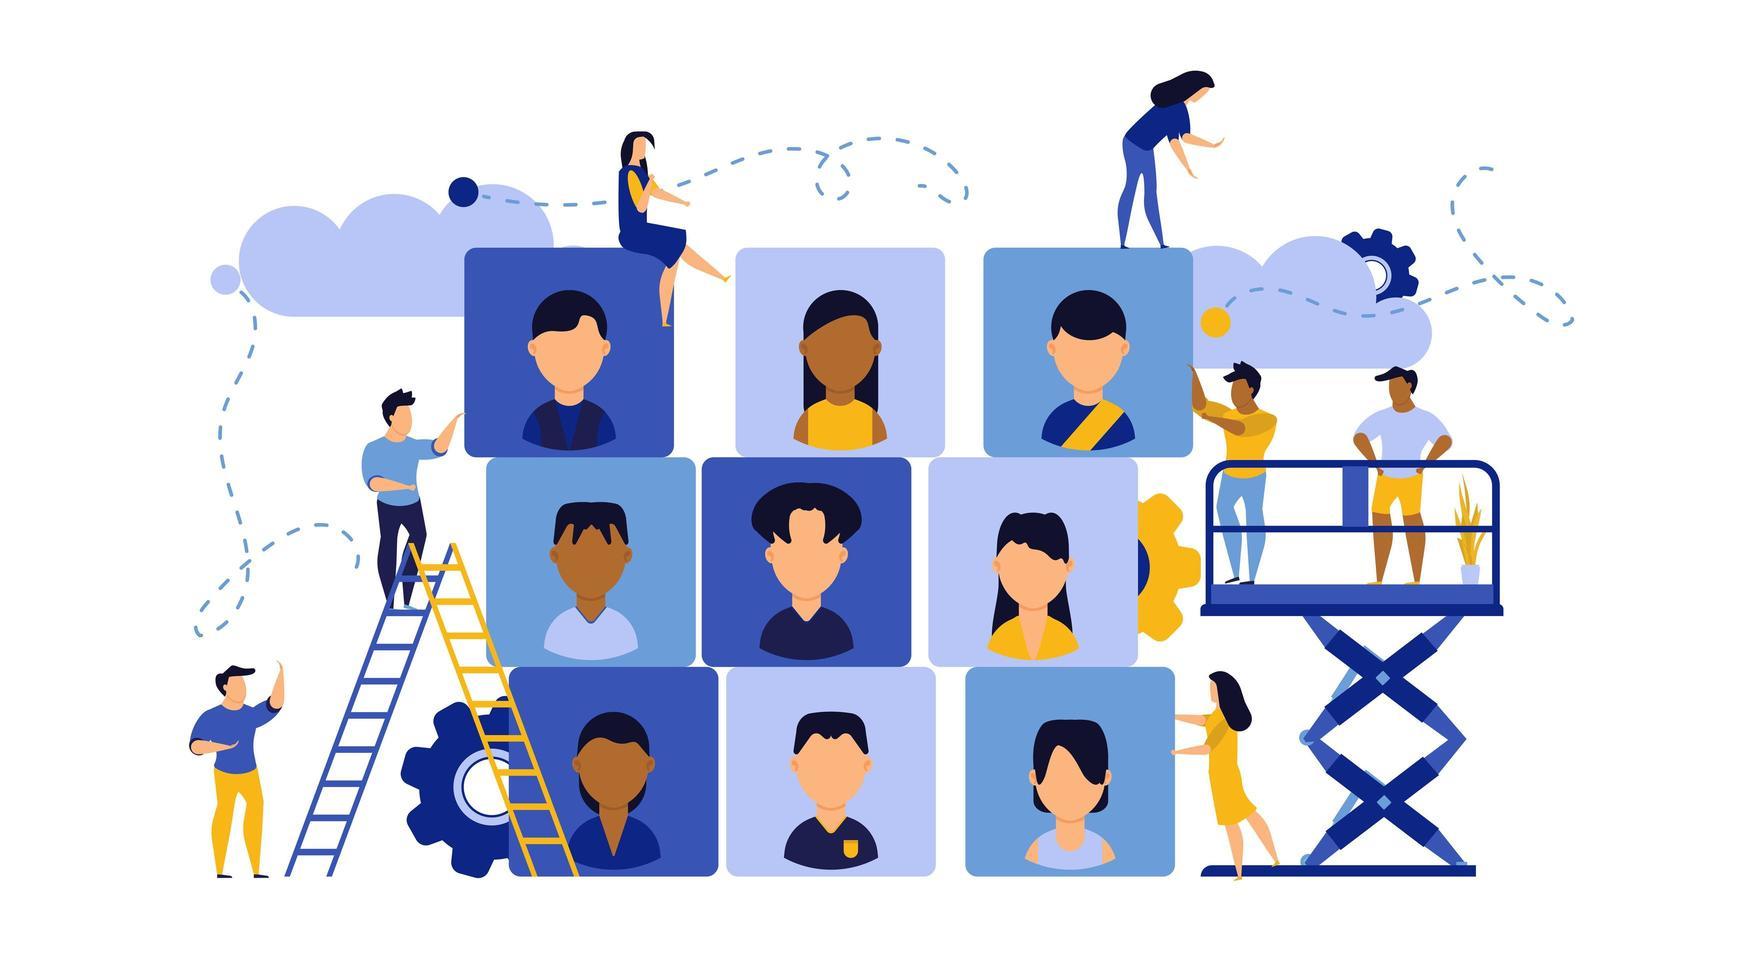 Job Karriere Geschäftserfolg Agentur Publikum vektor